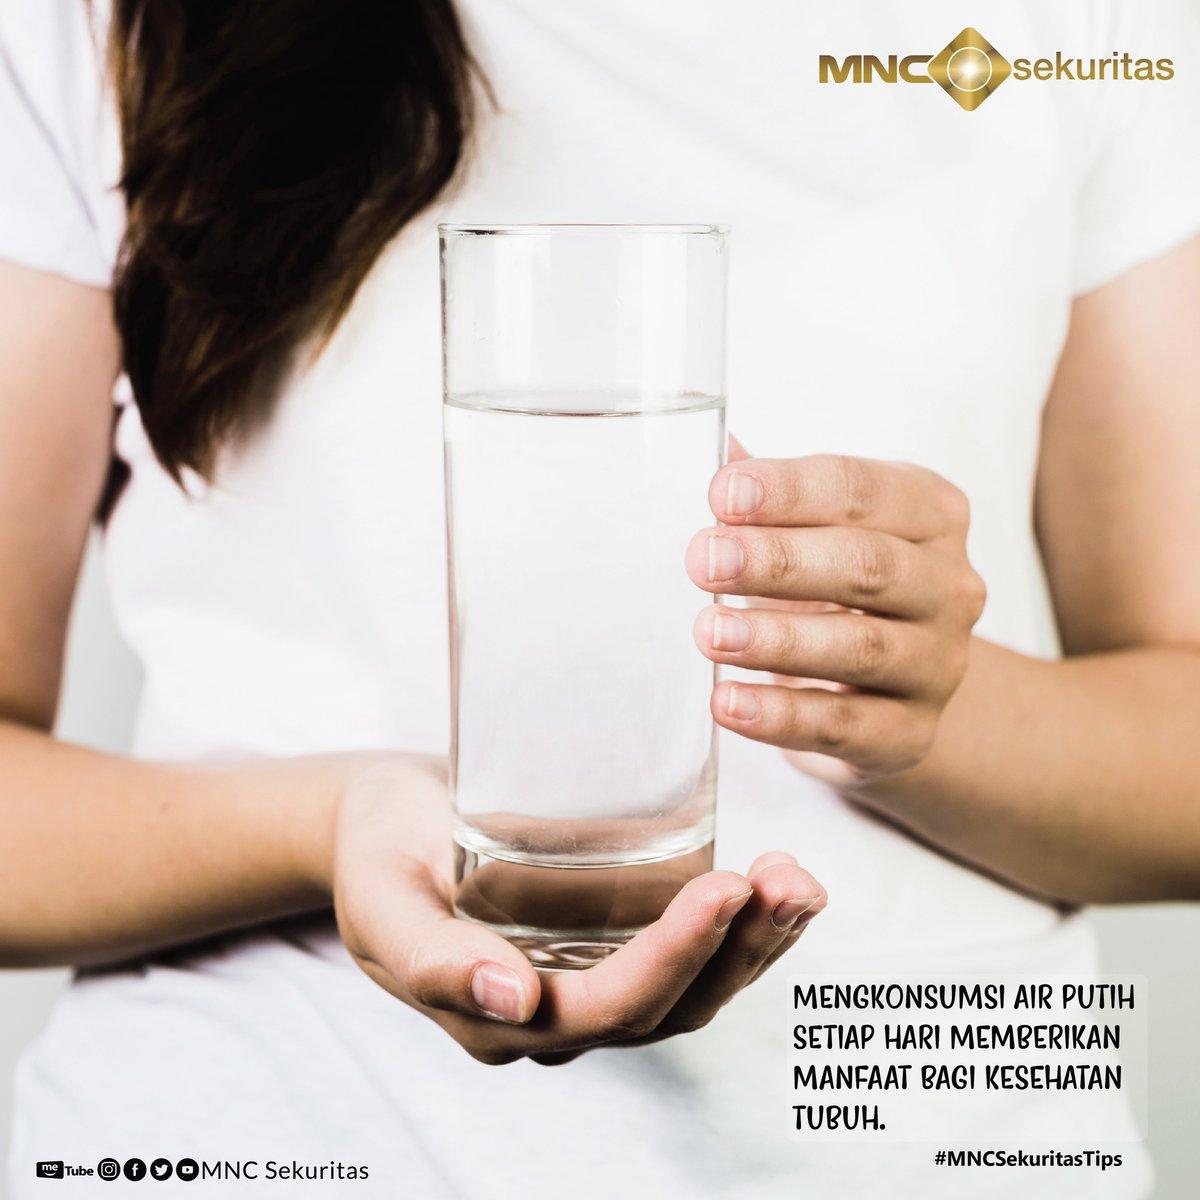 Mnc Sekuritas On Twitter Jangan Lupa Minum Air Putih Ya Mncers Karena Air Putih Memiliki Banyak Manfaat Bagi Kesehatan Tubuh Mncsekuritastips Https T Co Sij2exp9uf